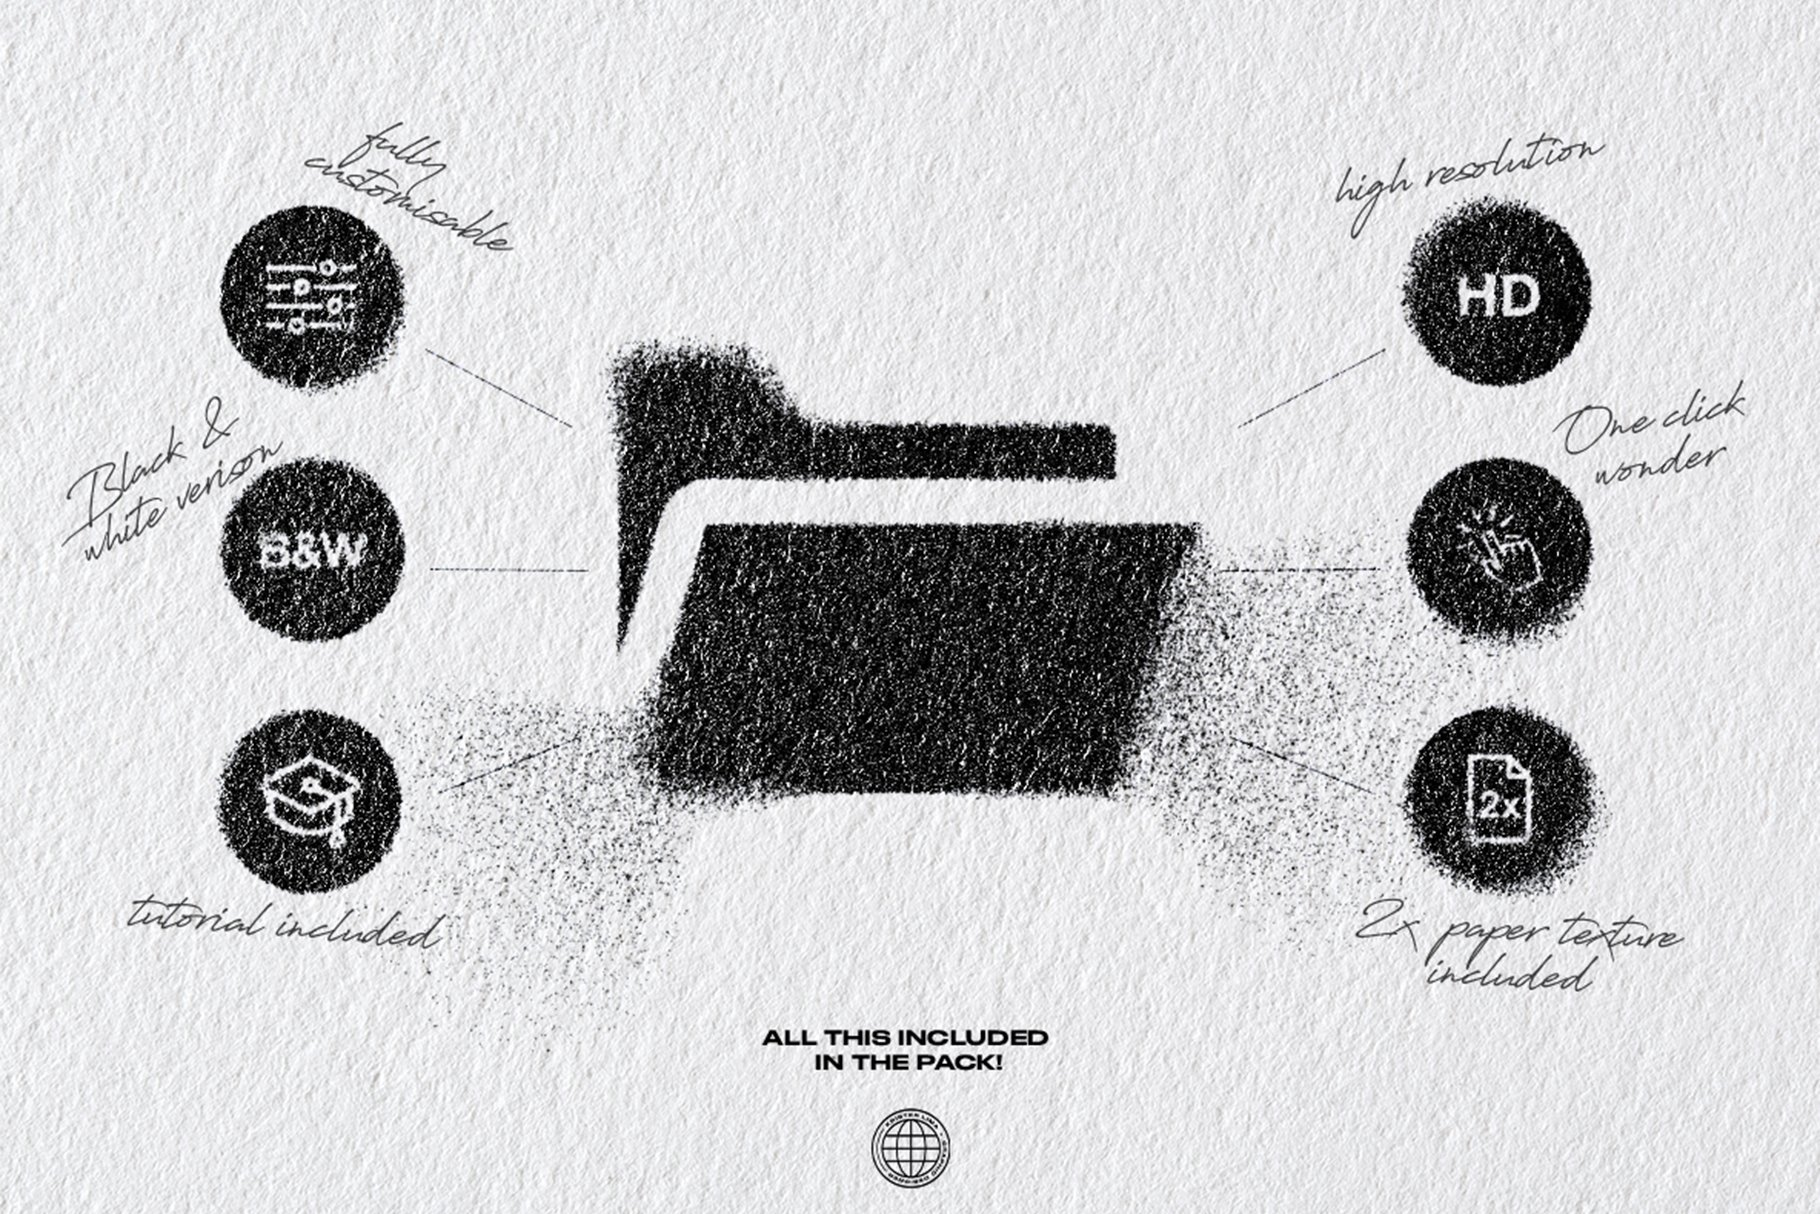 [淘宝购买] 潮流油墨喷涂飞溅效果文字图形设计一键式PS动作模板 The Spray Splatter – One Click插图4